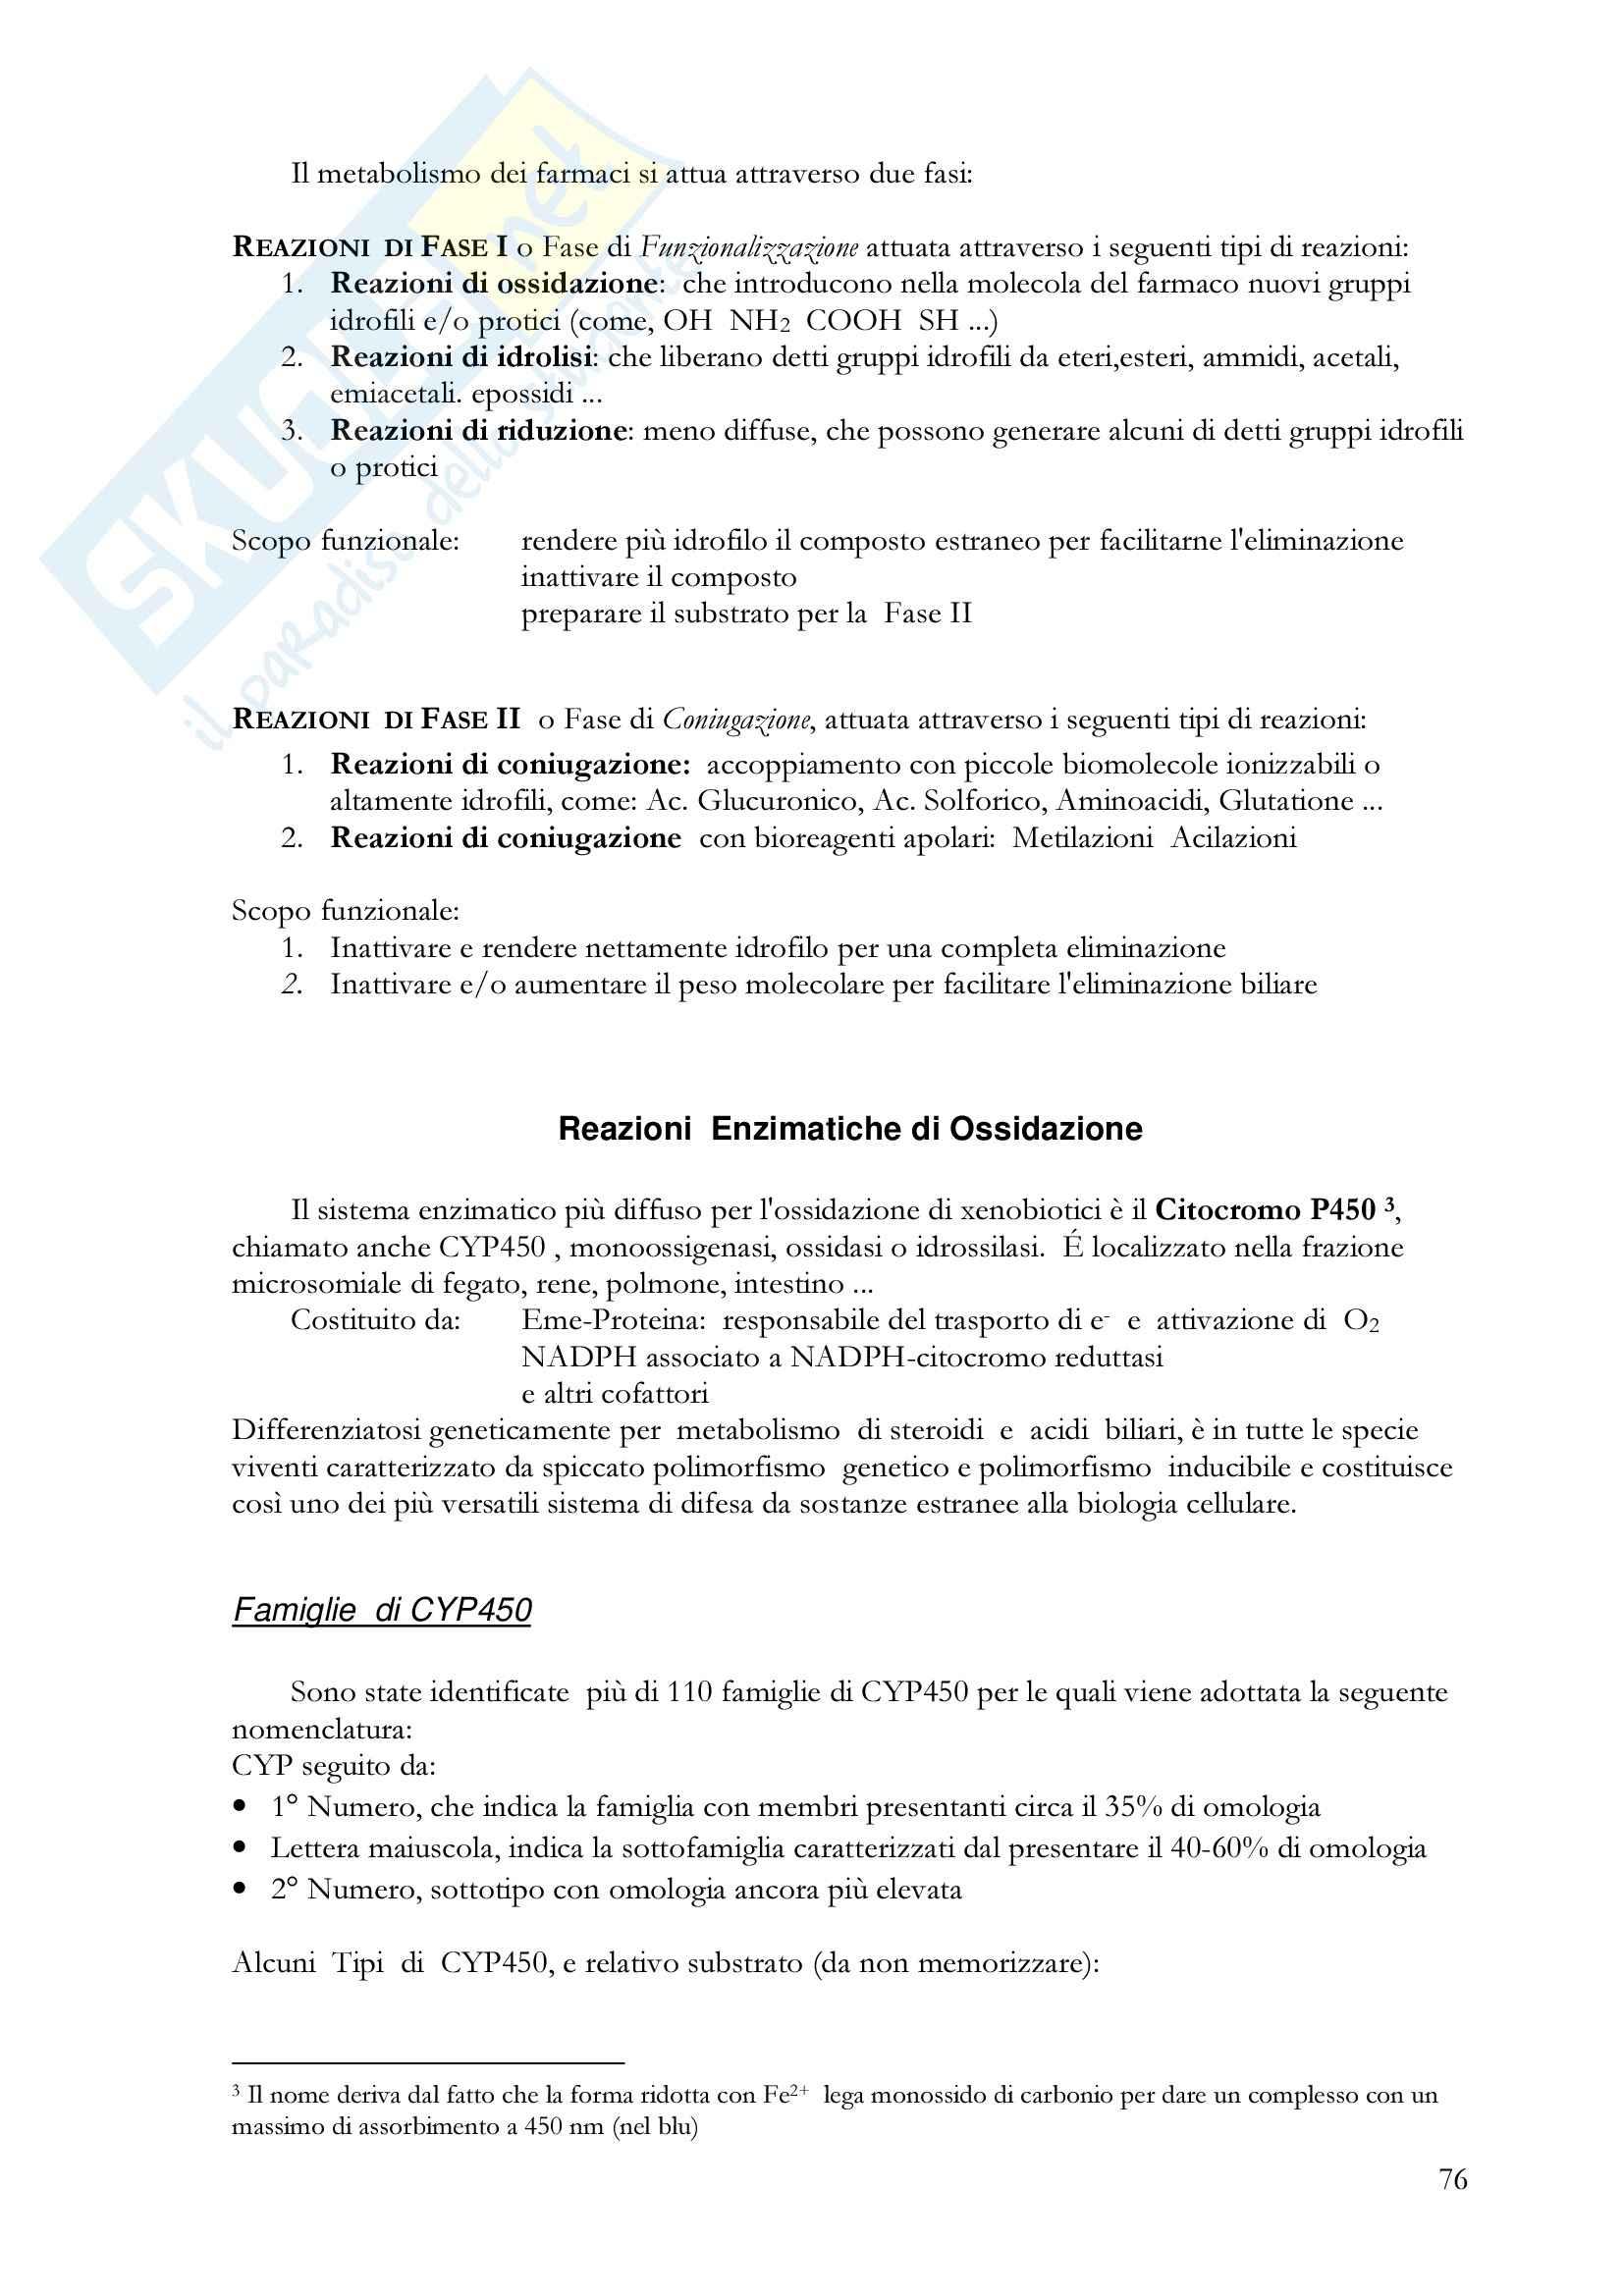 Farmacologia generale - metabolismo epatico dei farmaci Pag. 2